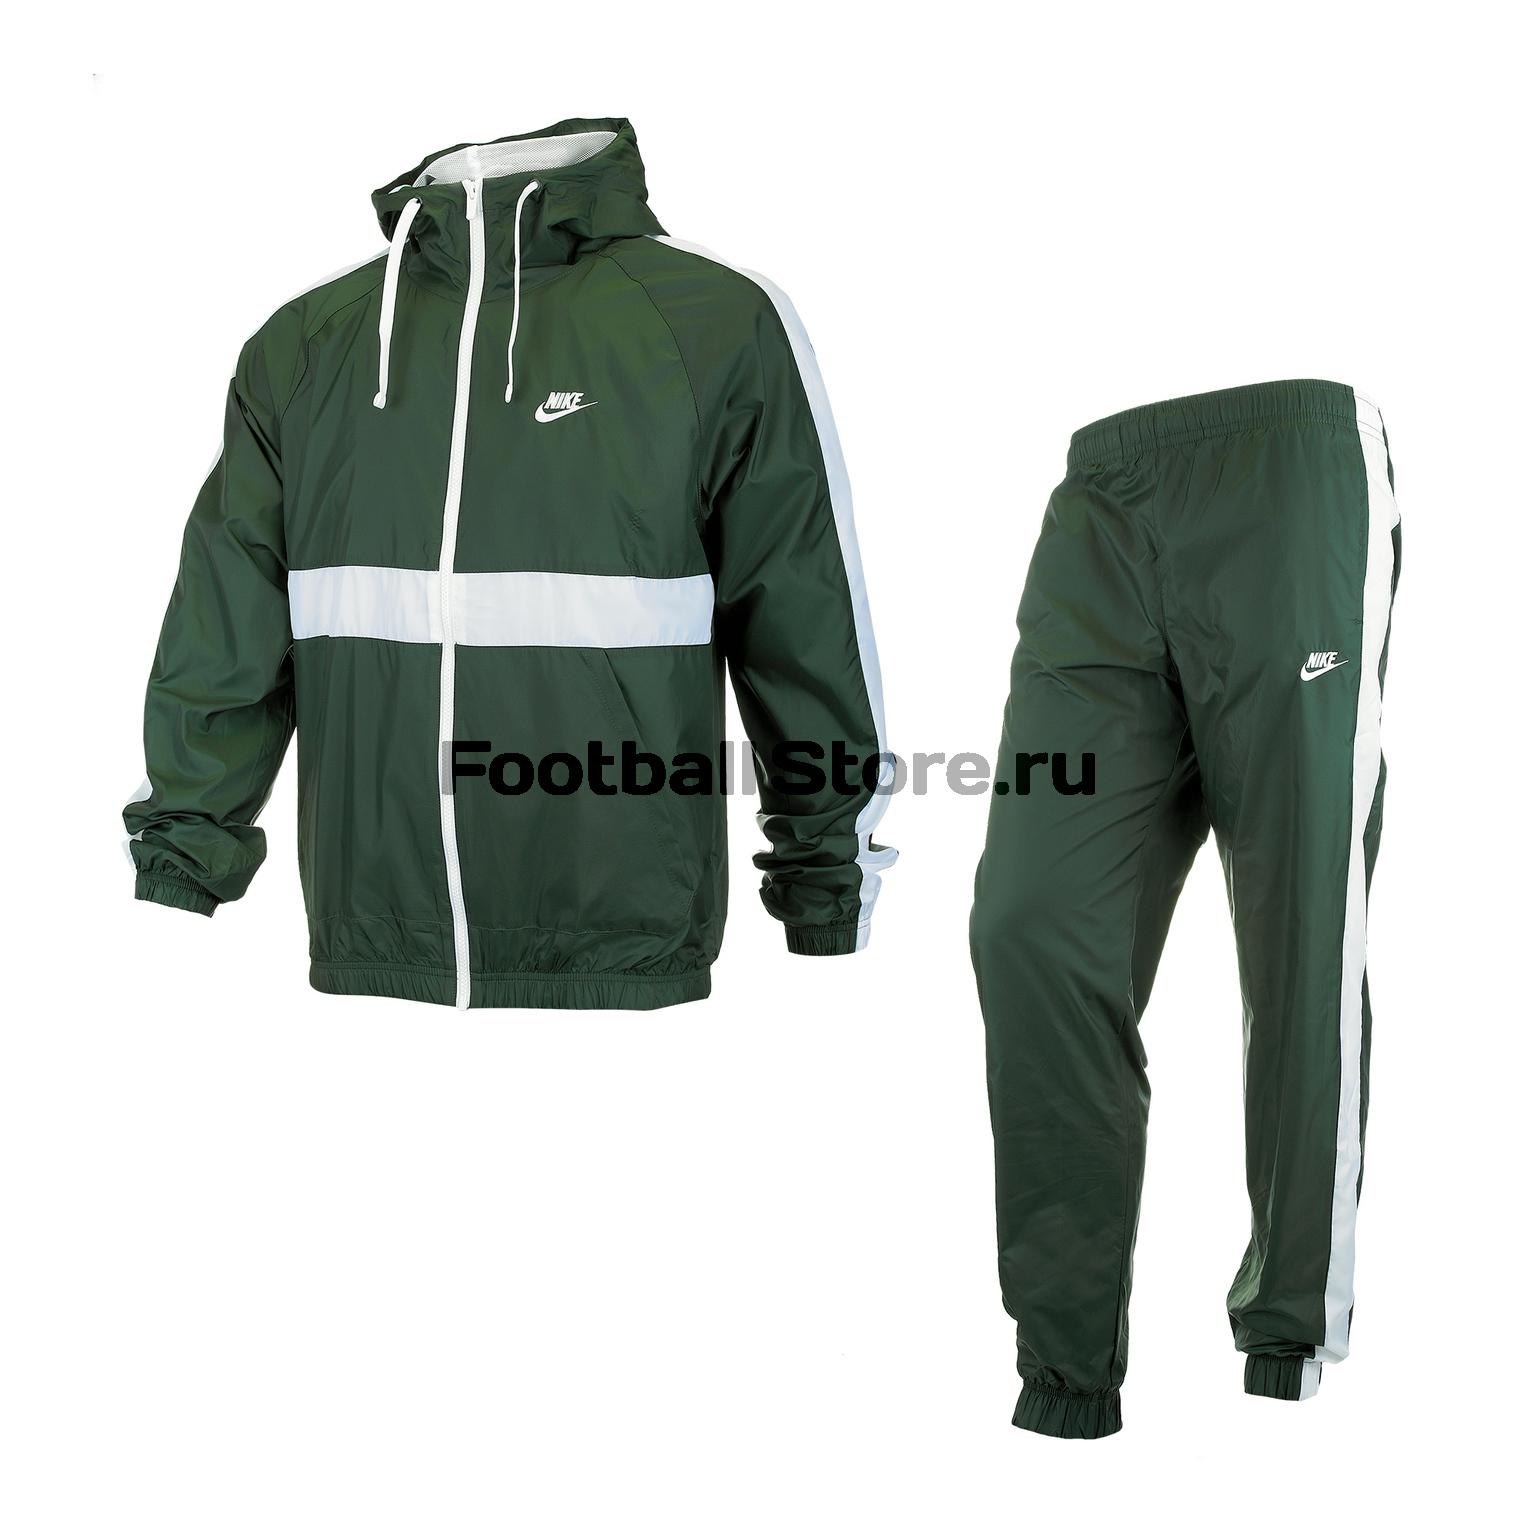 Костюм спортивный Nike CE Suit BV3025-370